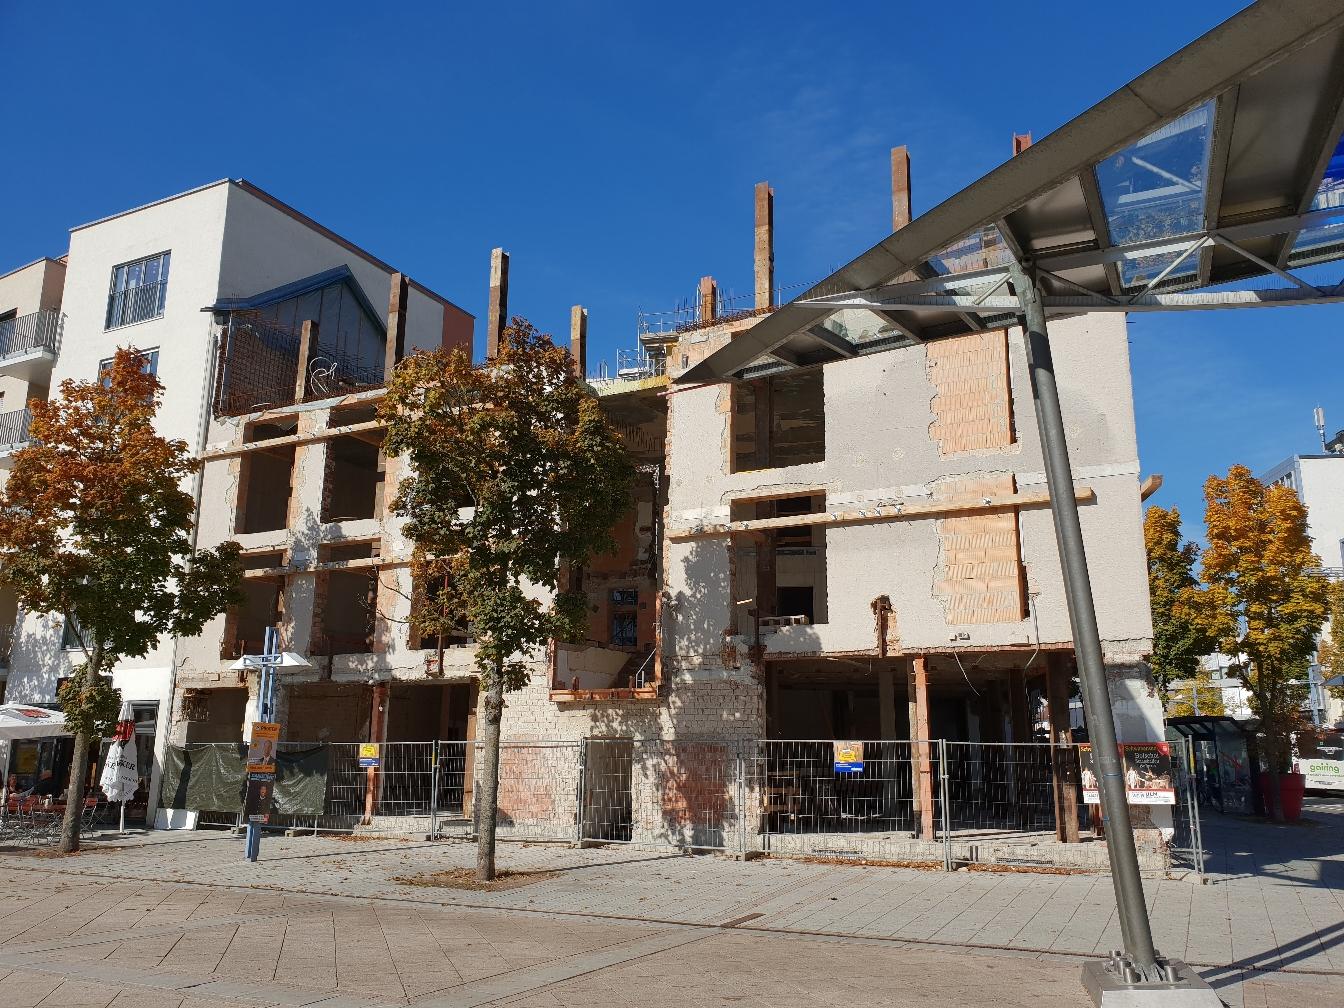 Neu Ulm Wohn und Geschäftshaus Marienstraße November 2018